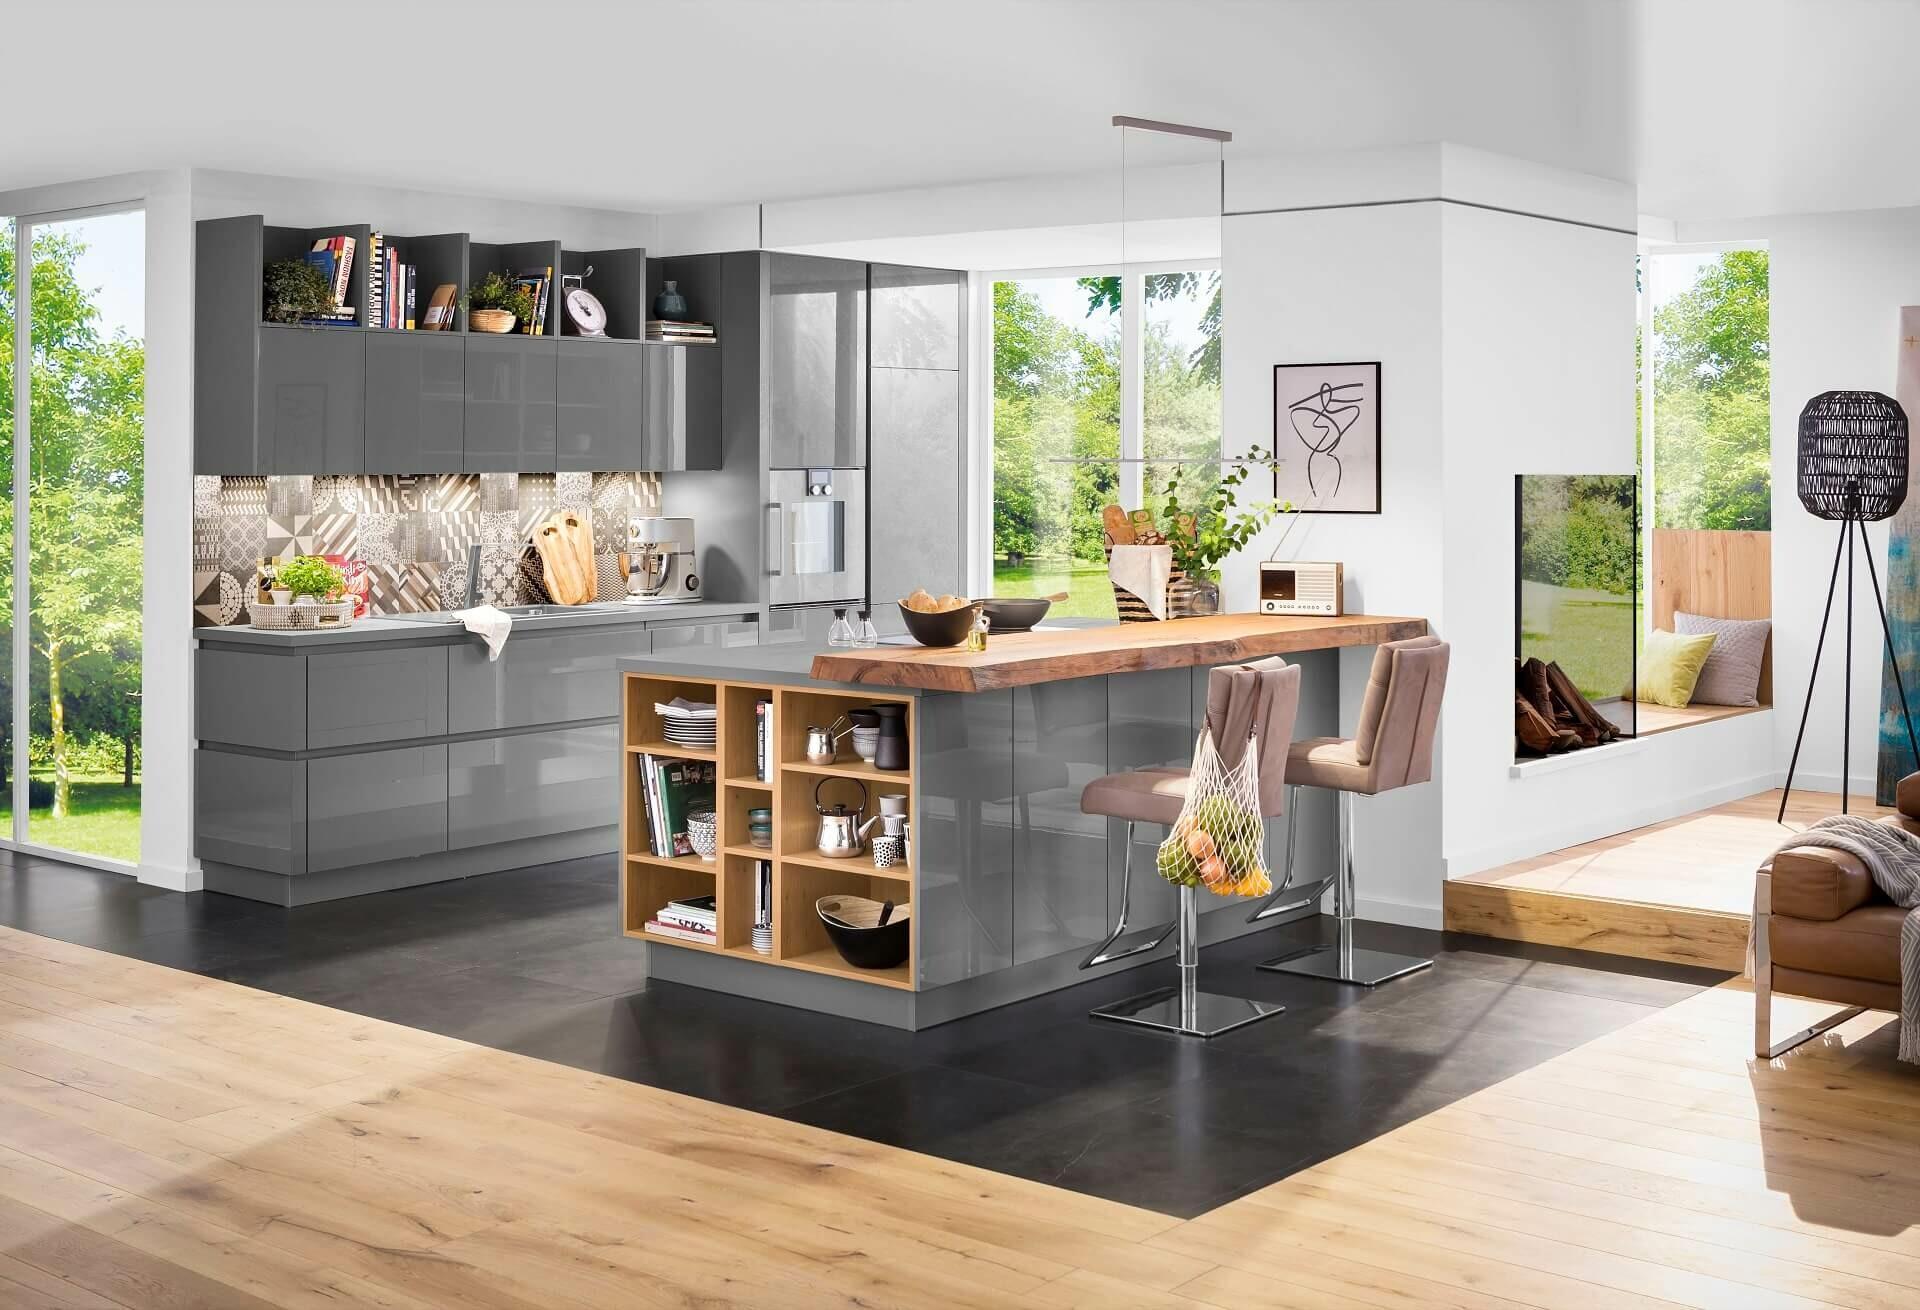 Küche kaufen bei SEGMÜLLER  segmueller.de